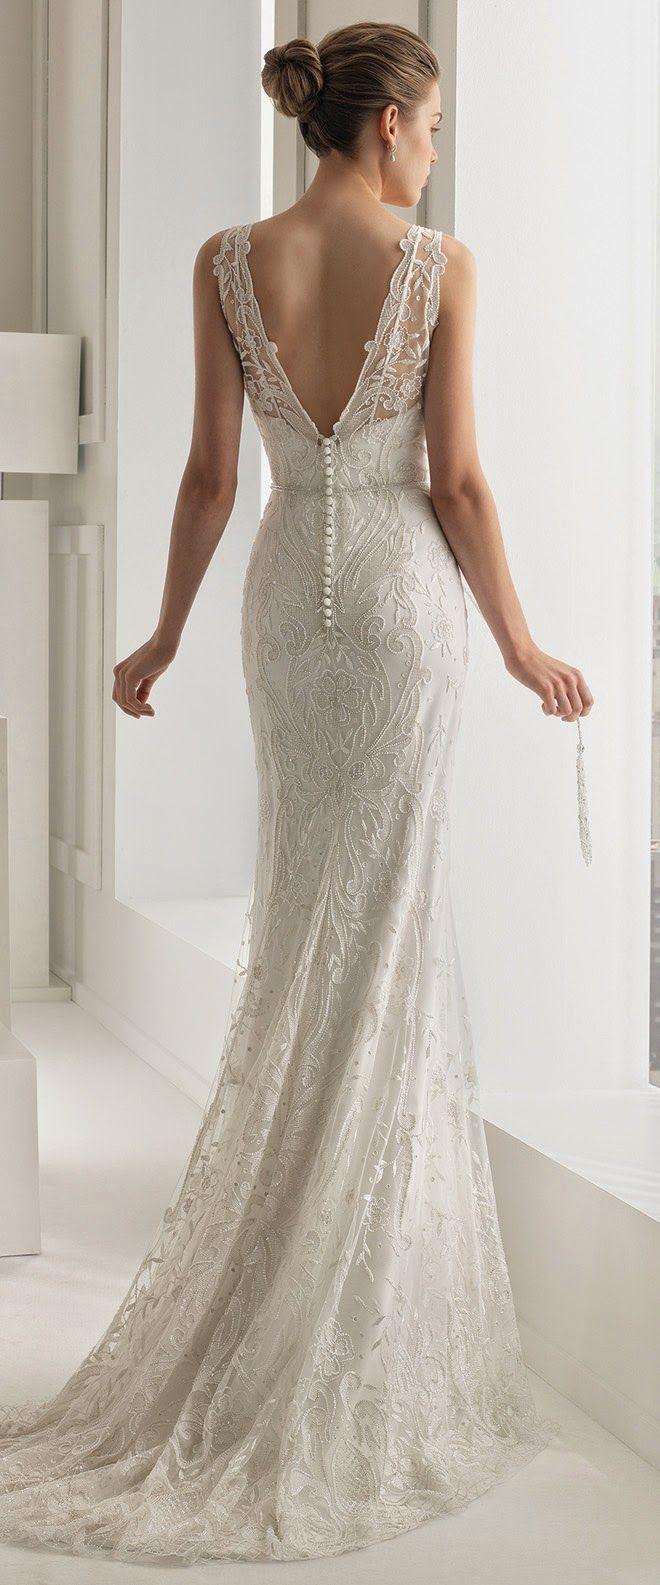 ℓυηα Мι Αηgєℓ ♡  Braut Kleid Hochzeit Und Hochzeitskleid